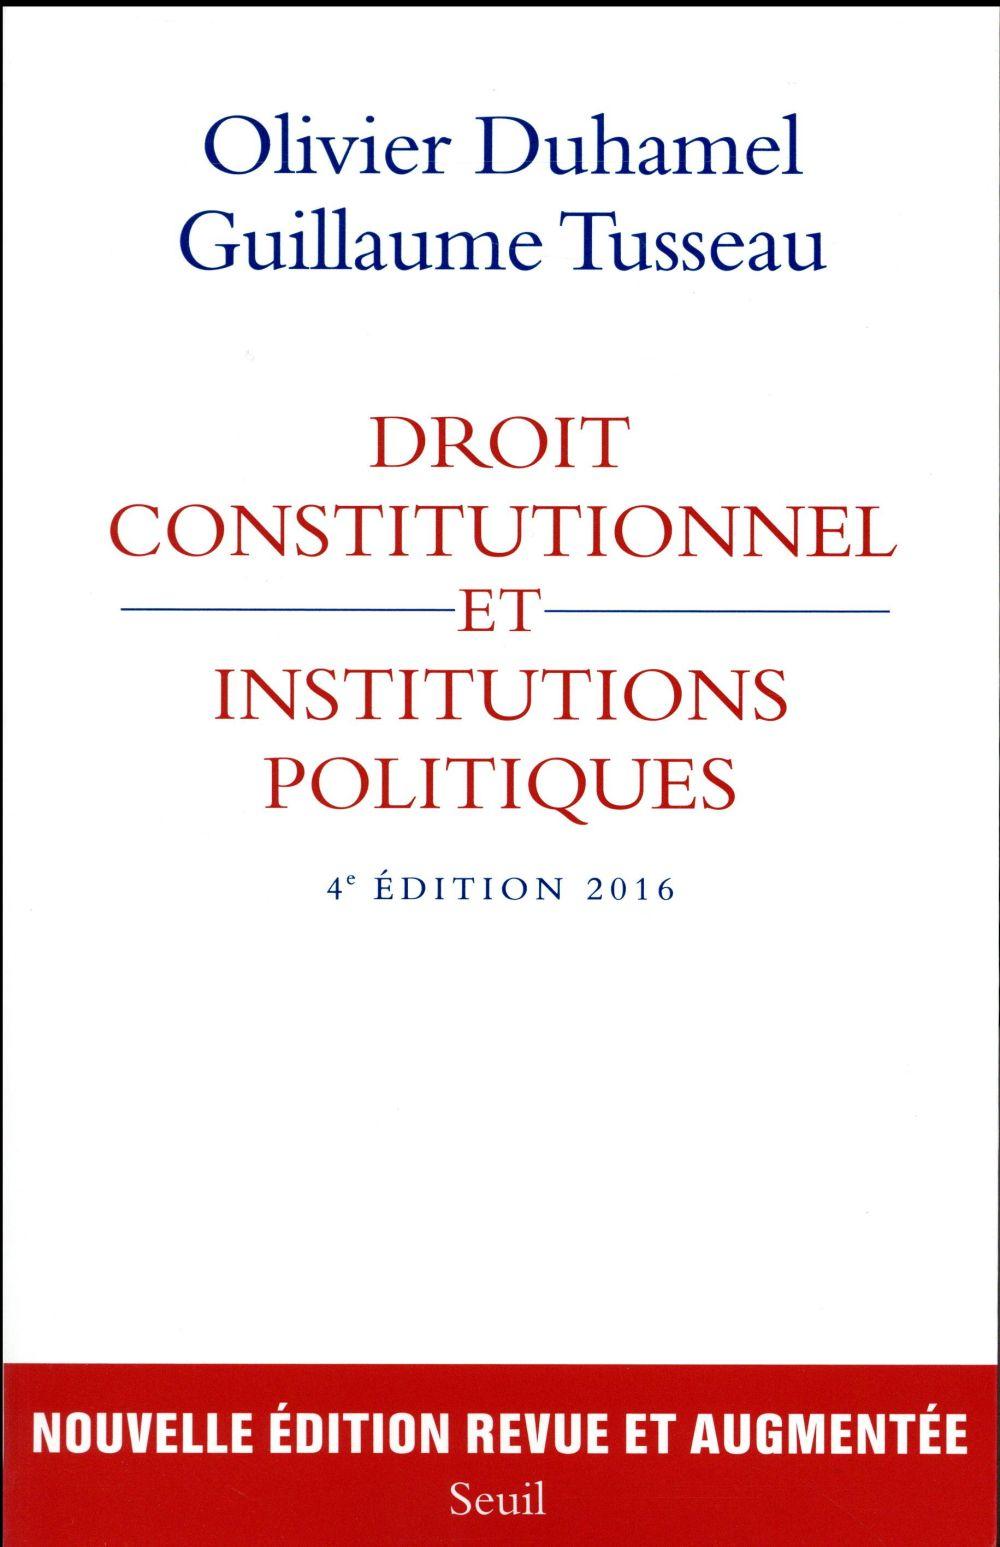 Droit constitutionnel et institutions politiques (édition 2016)